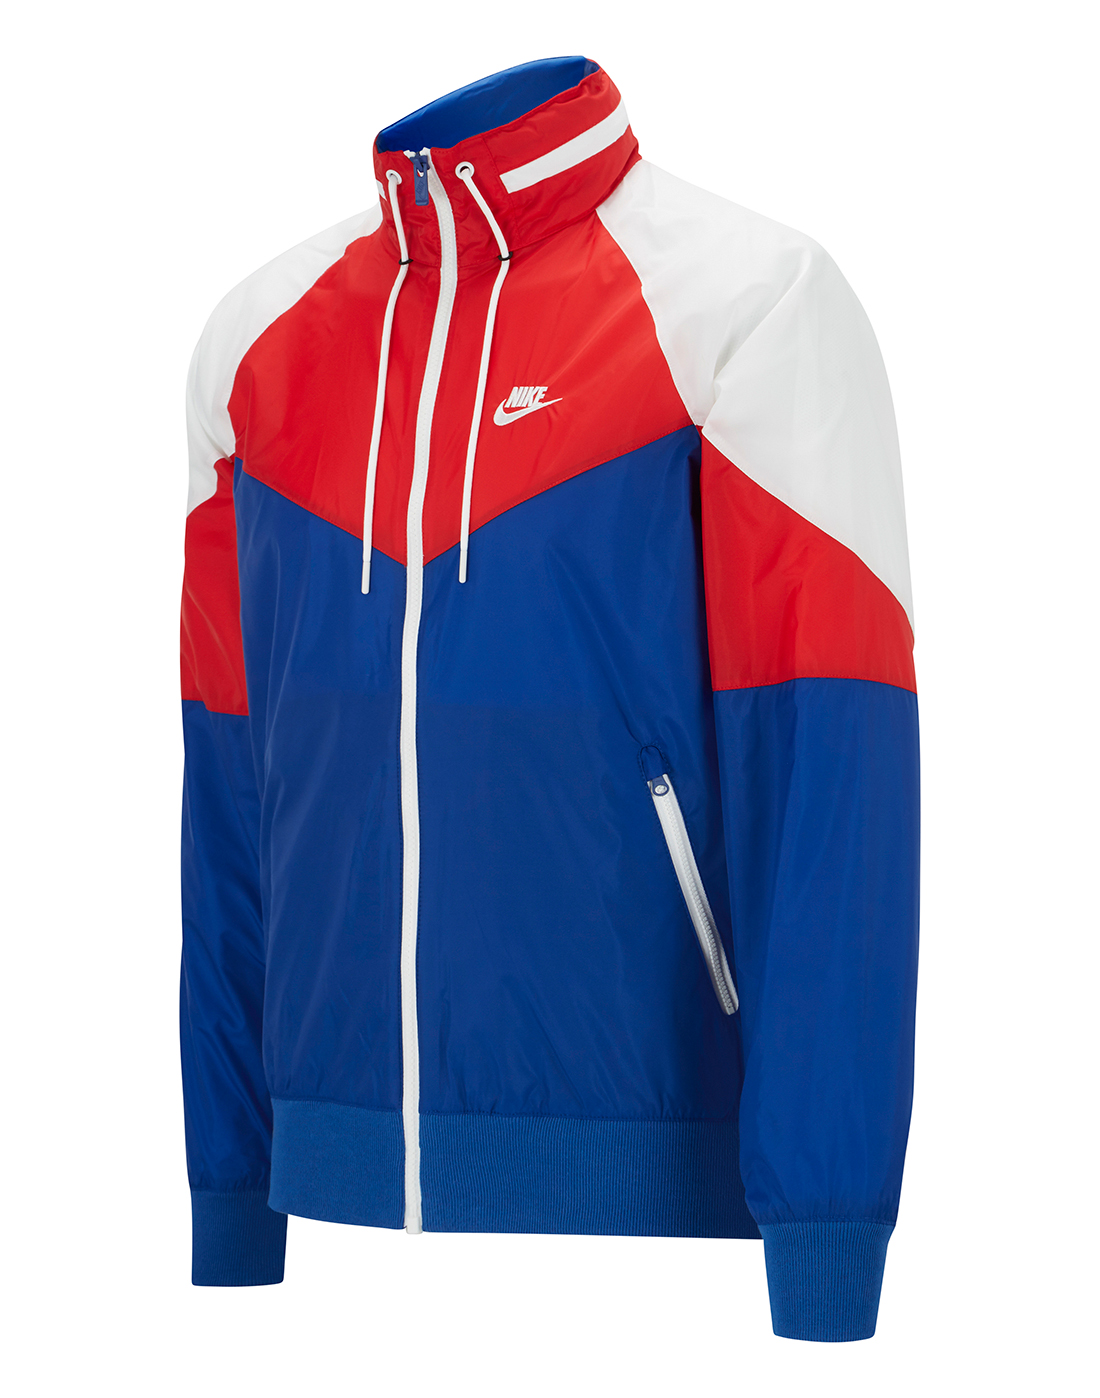 213f8649fa4b Men s Blue Nike Windrunner Jacket